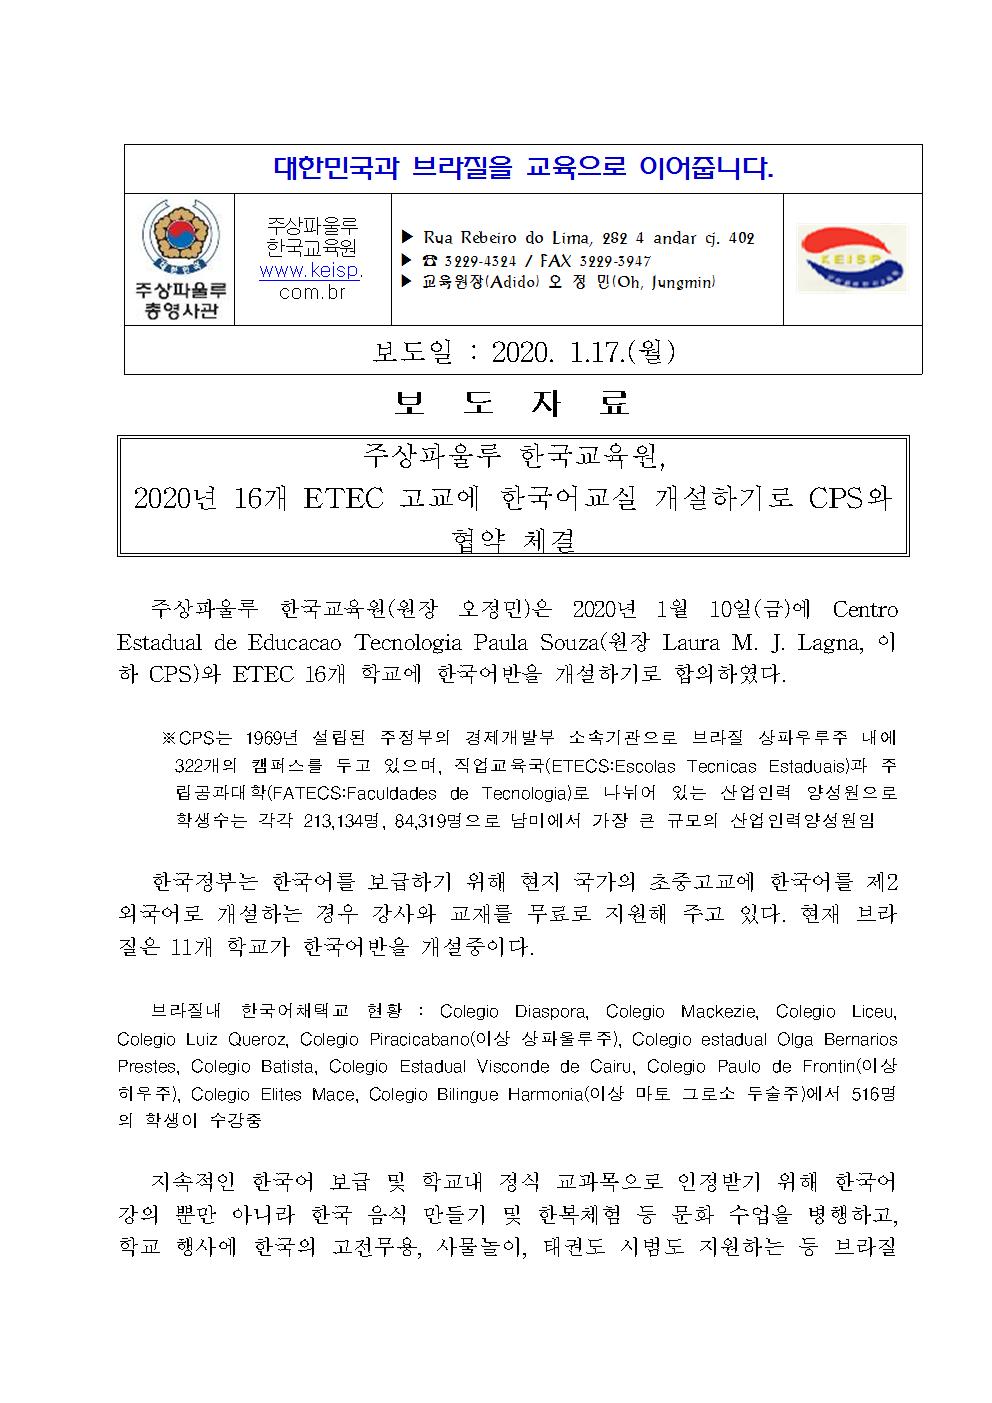 200116 상파울루교육원, 올해 16개 ETEC 고교에 한국어반 개설 추진001.png